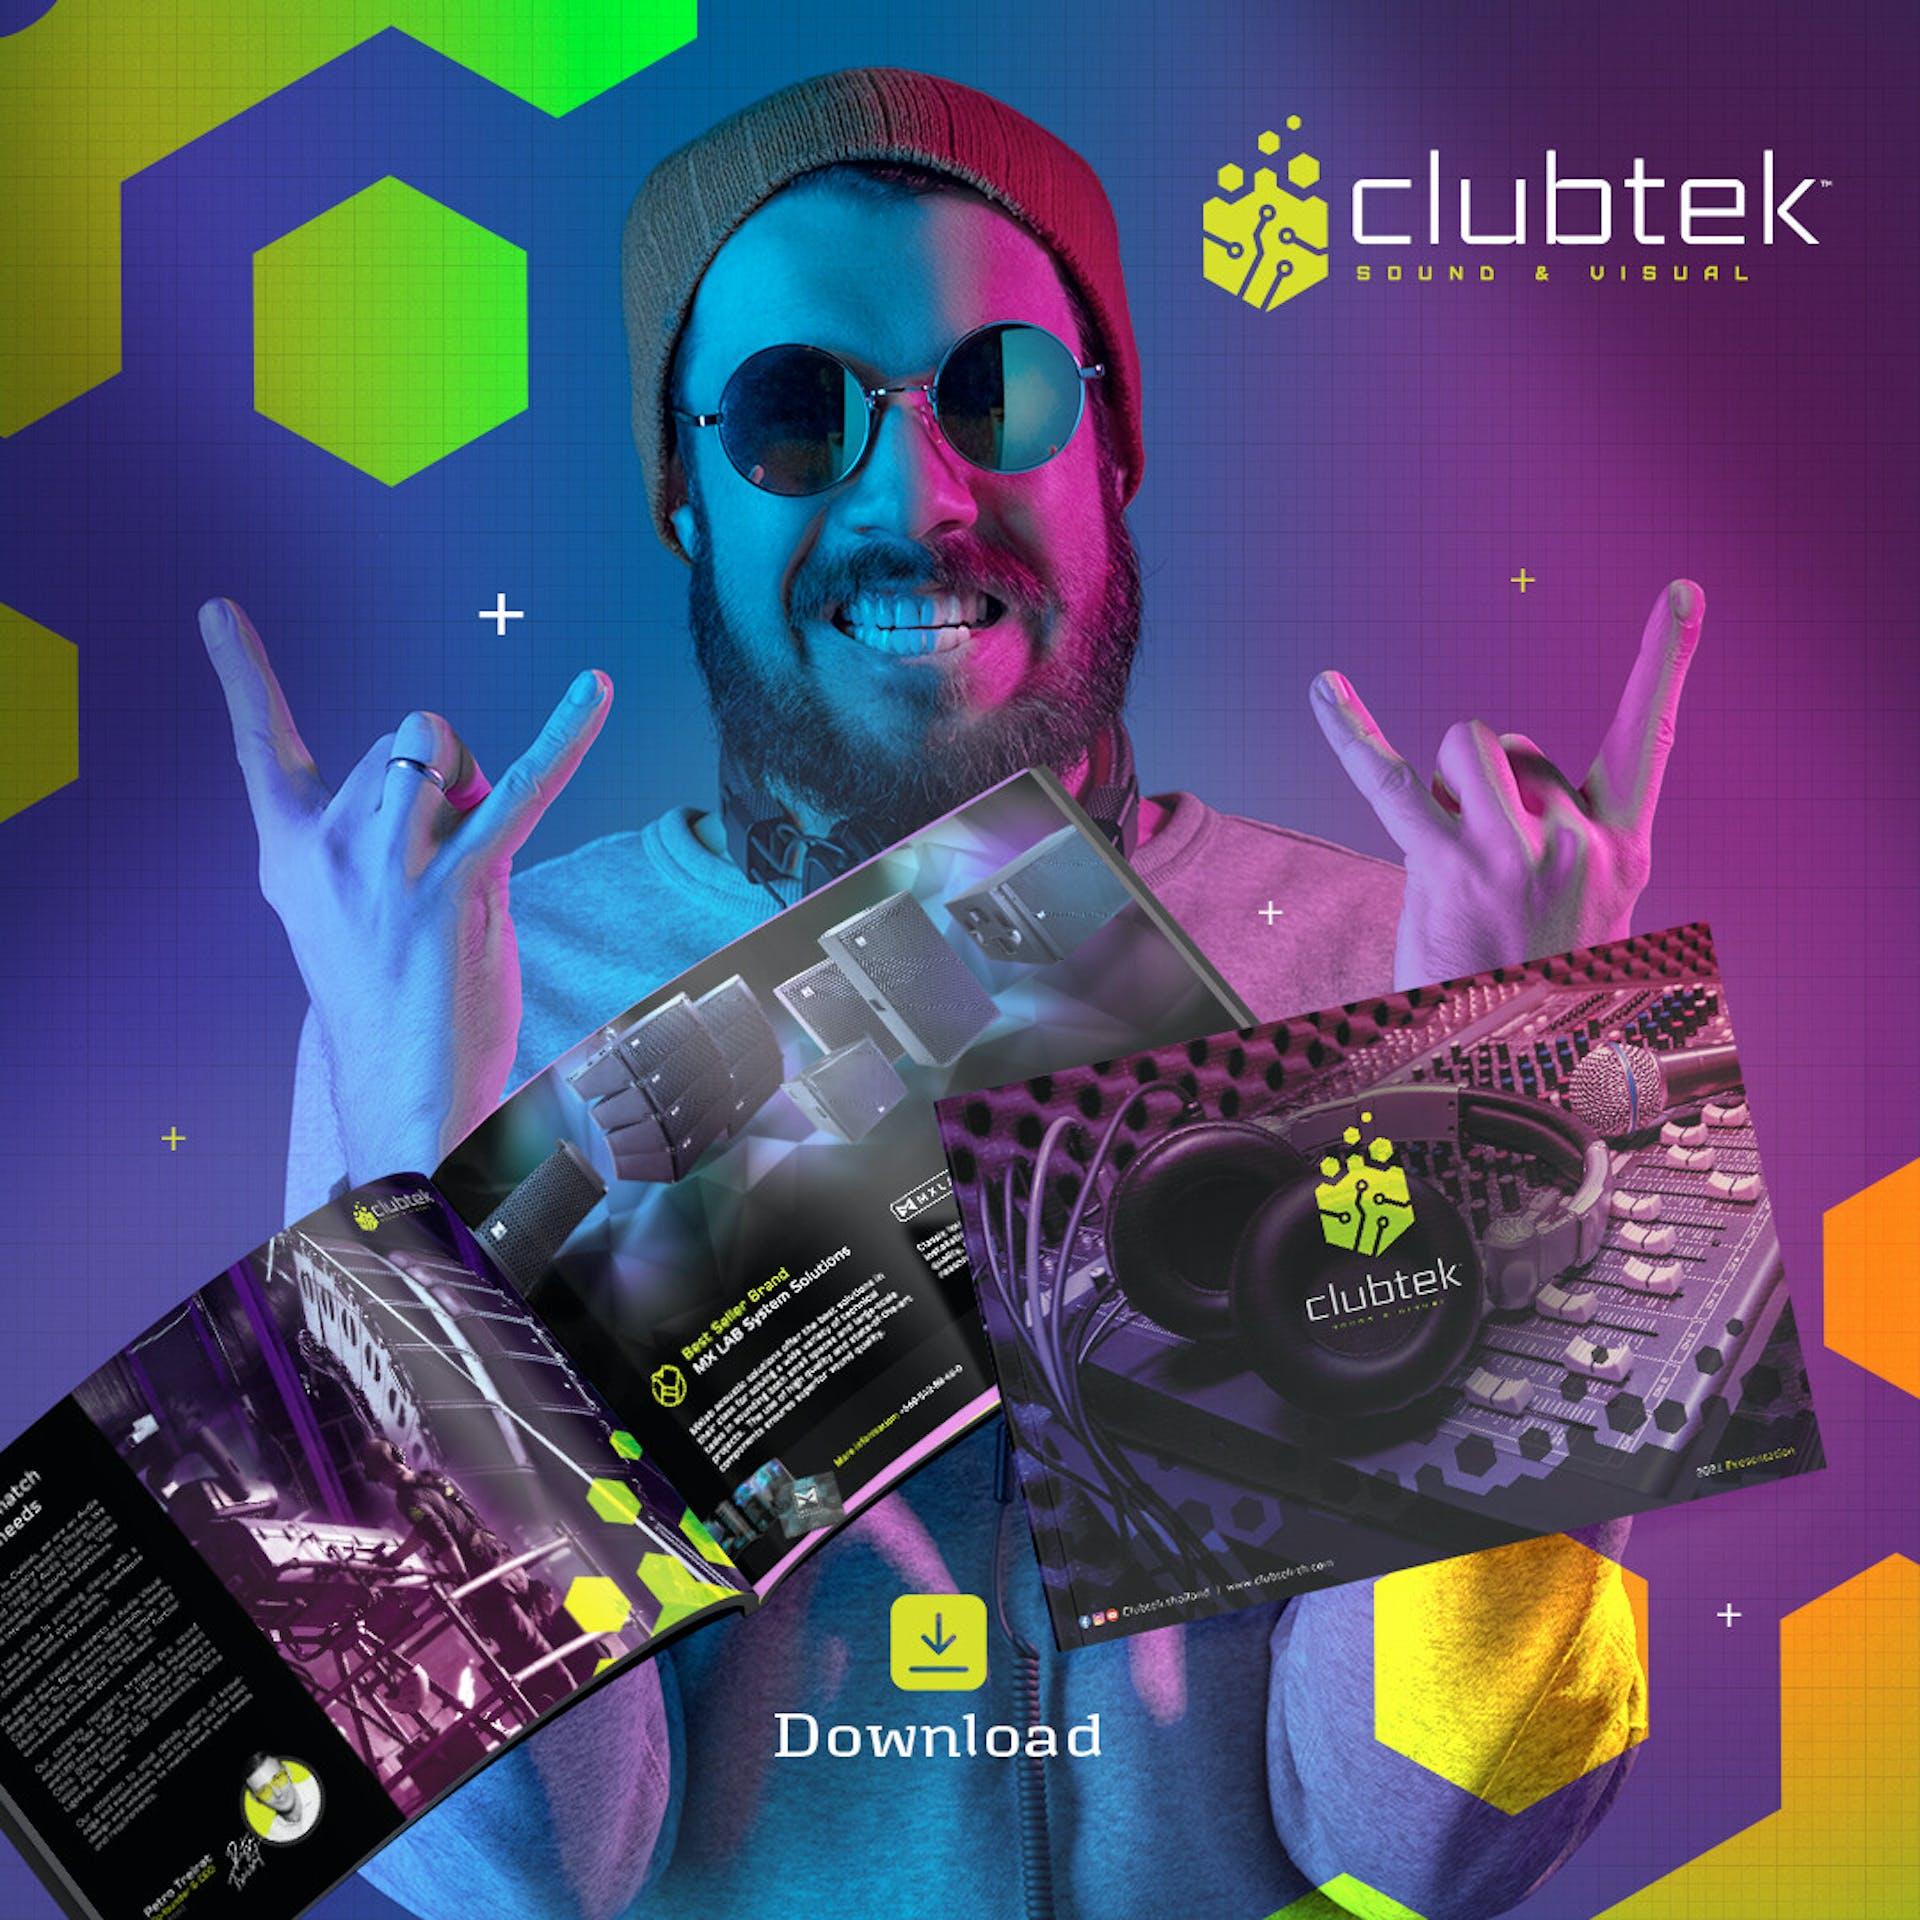 Clubtek